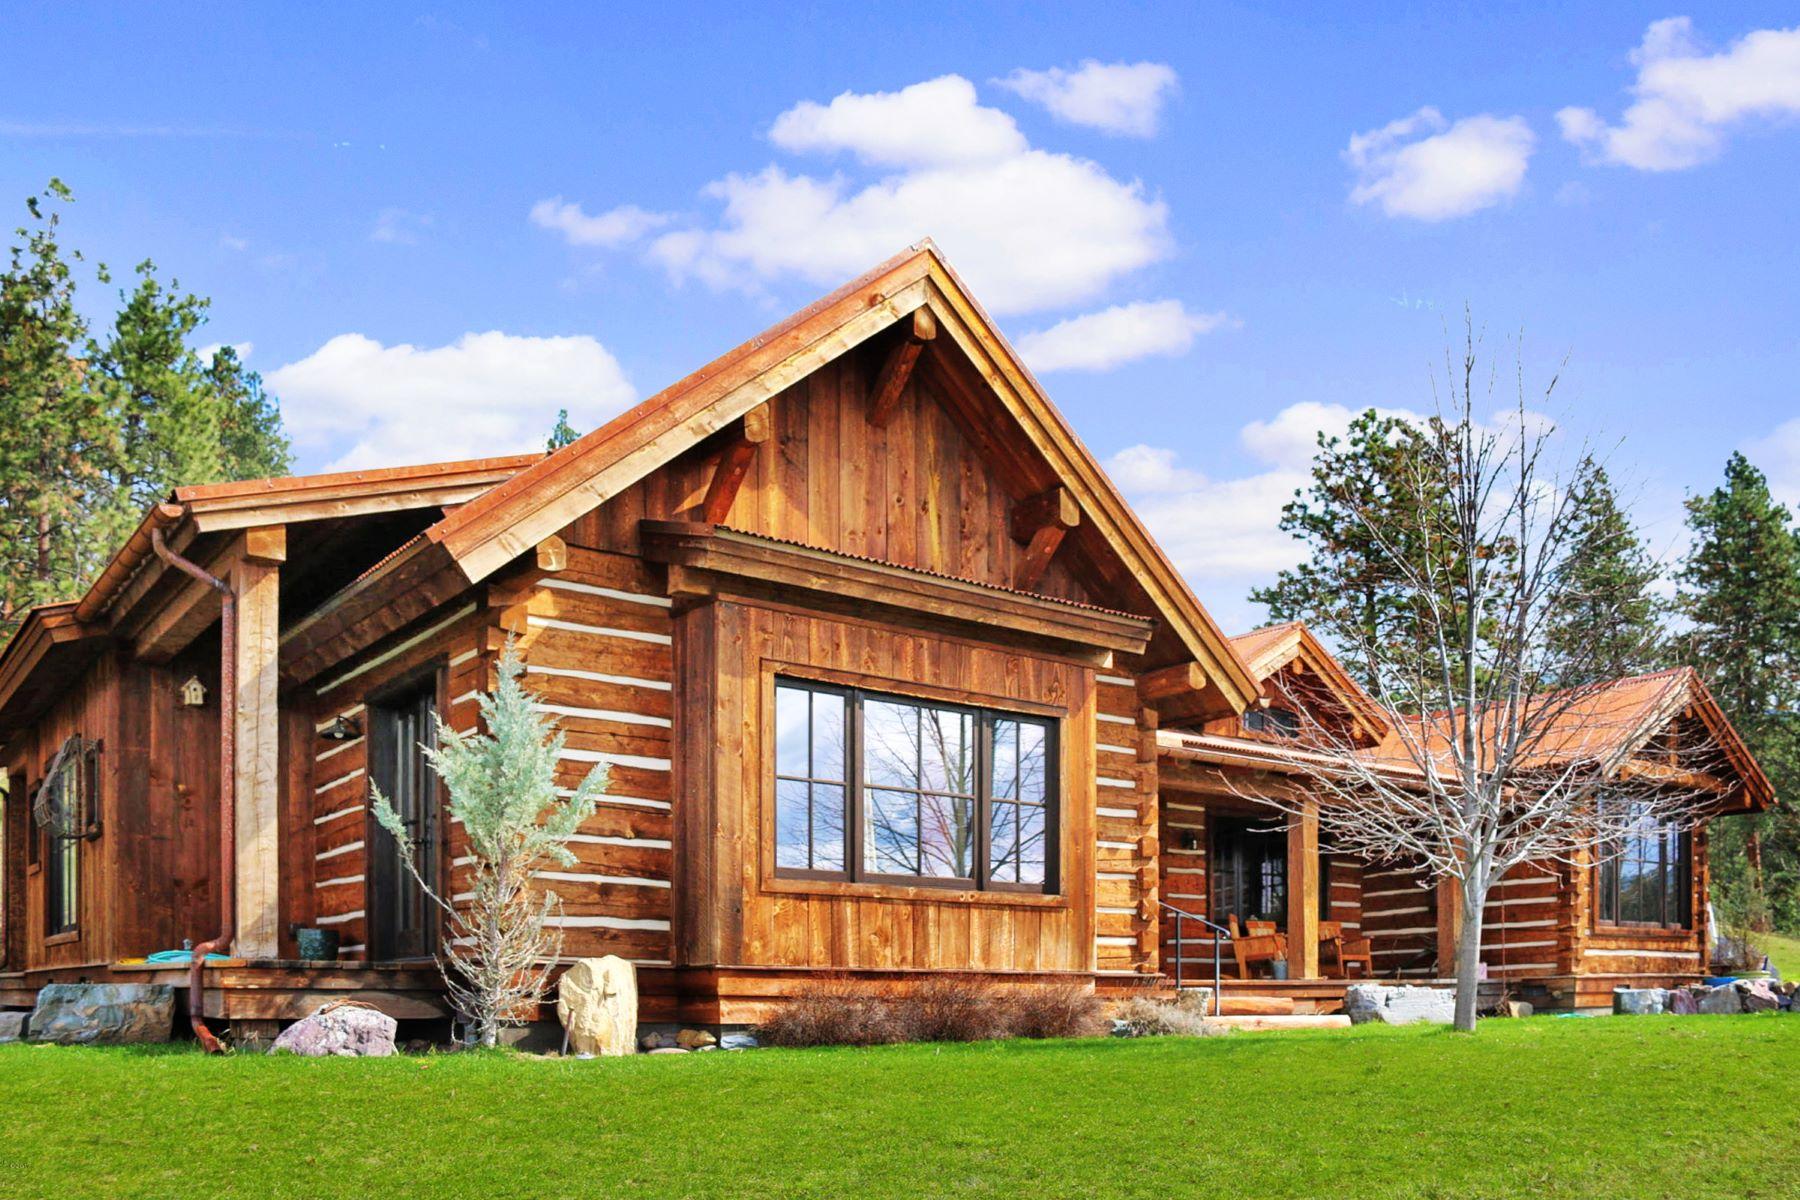 Частный односемейный дом для того Продажа на 62290 Leaping Horse Ln , Saint Ignatius, MT 59865 62290 Leaping Horse Ln St. Ignatius, Монтана, 59865 Соединенные Штаты